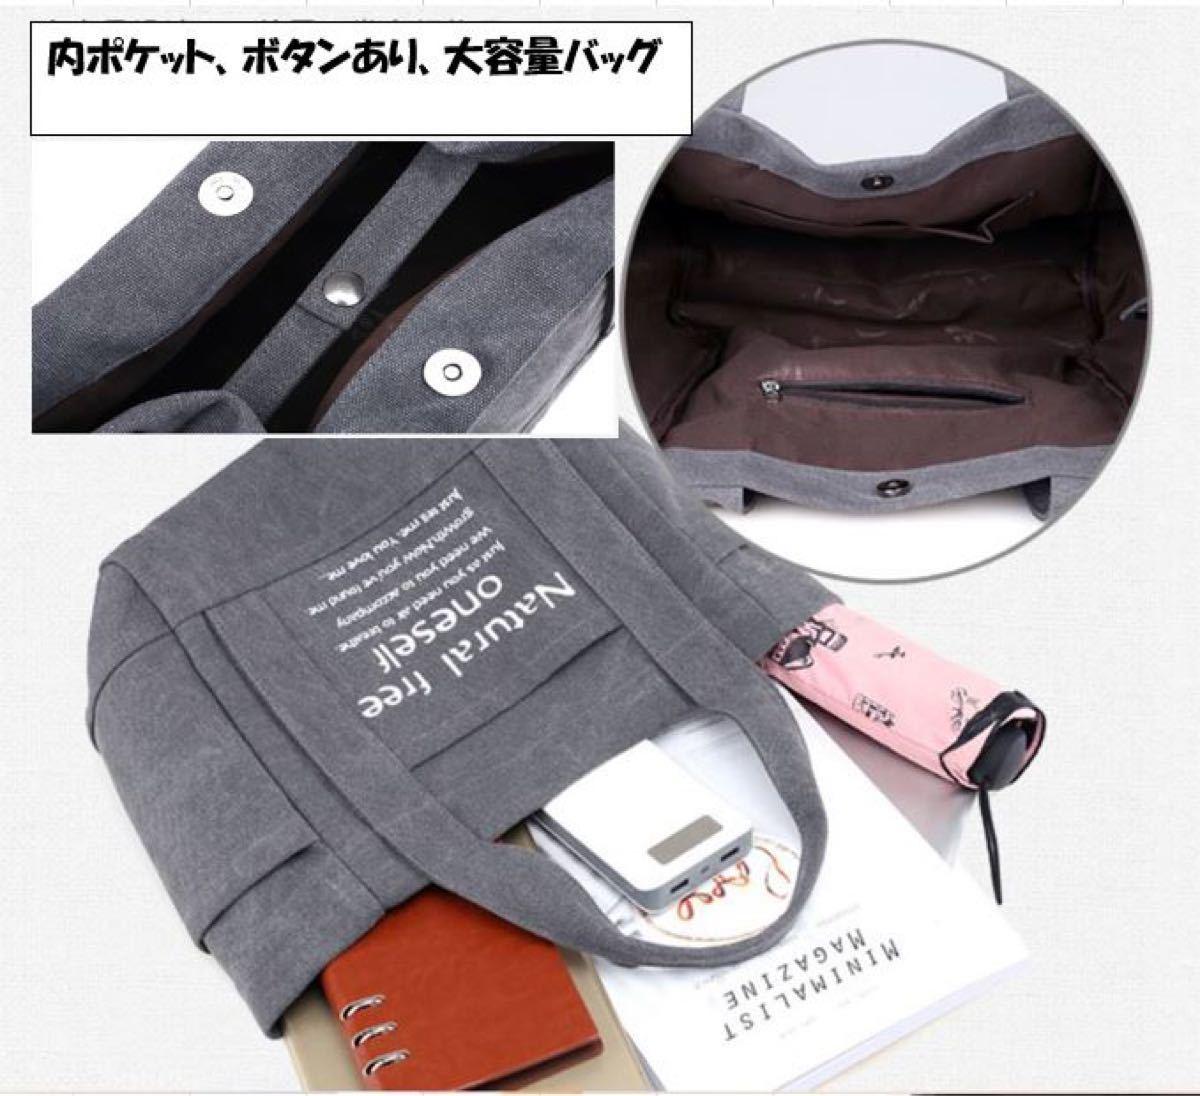 キャンバス 大容量 A4サイズ トートバッグ ショッピングバッグ マザーズバッグ エコバッグ おしゃれ 人気 iPad